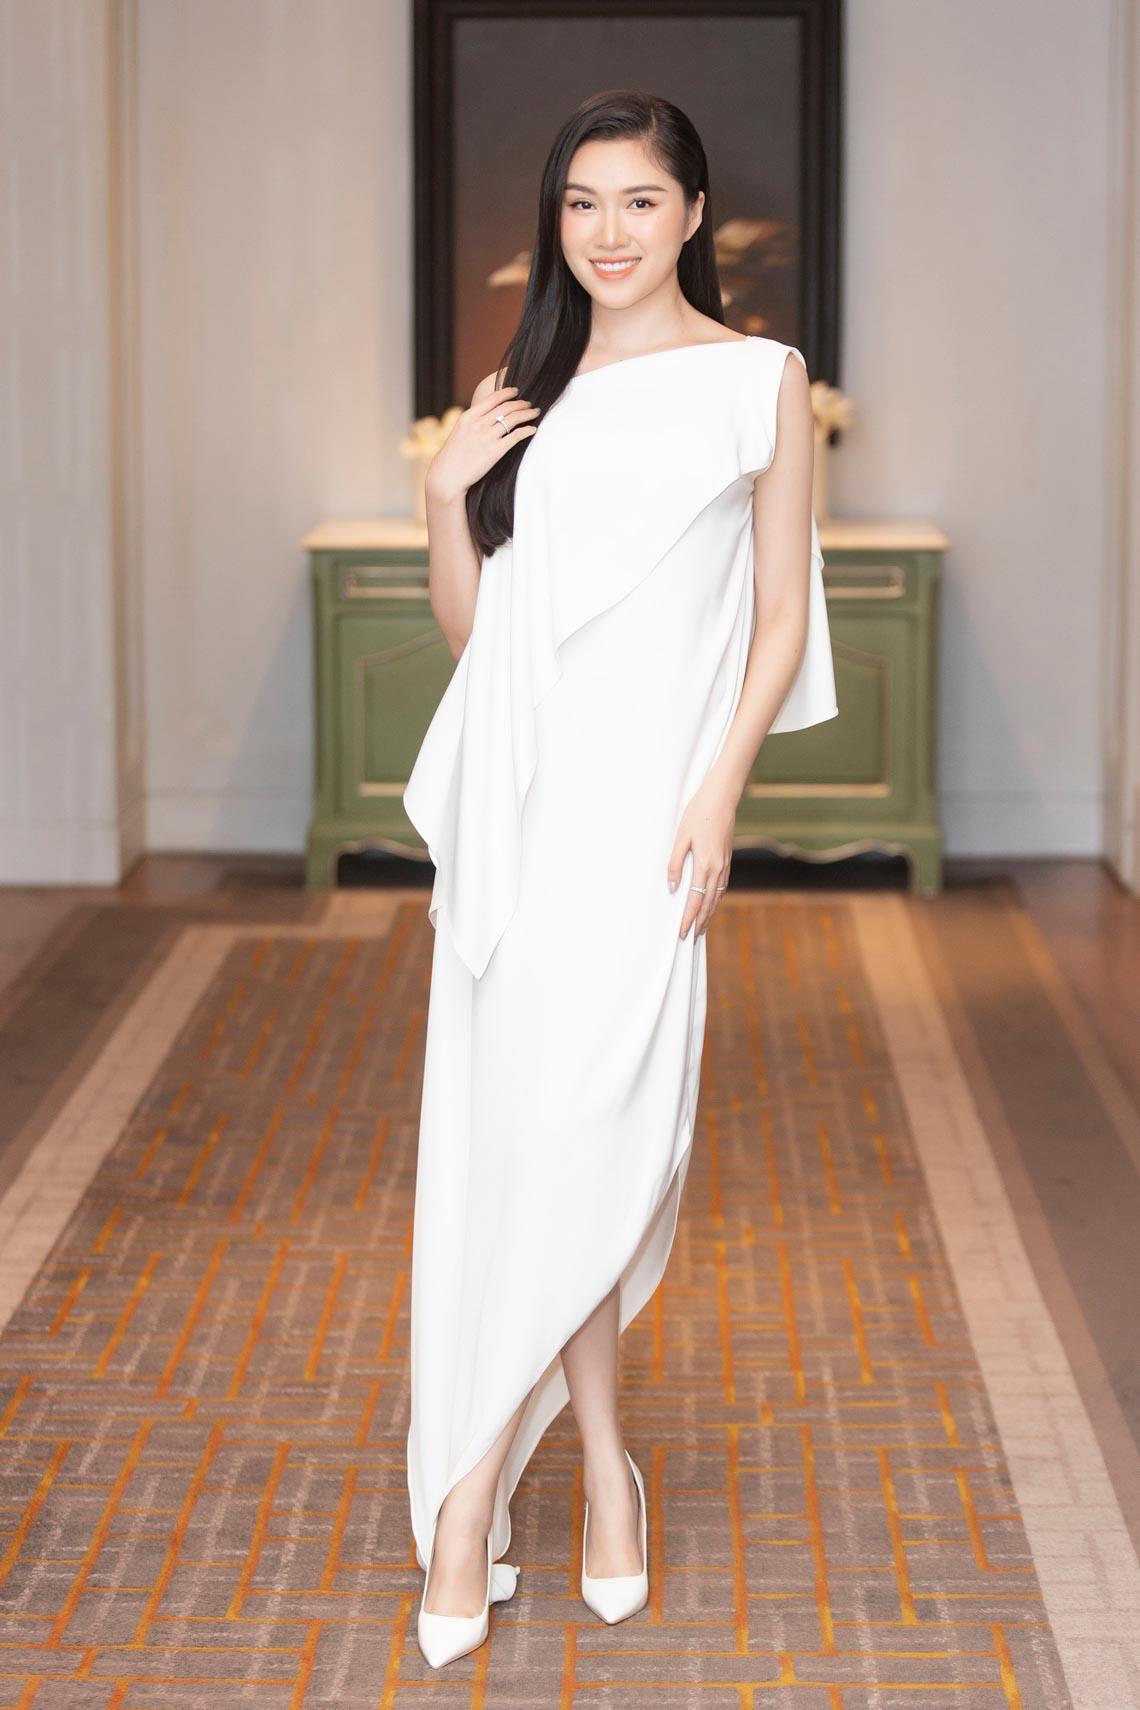 Dàn mỹ nhân diện trang phục trắng tinh khôi của NTK Đỗ Mạnh Cường - 1